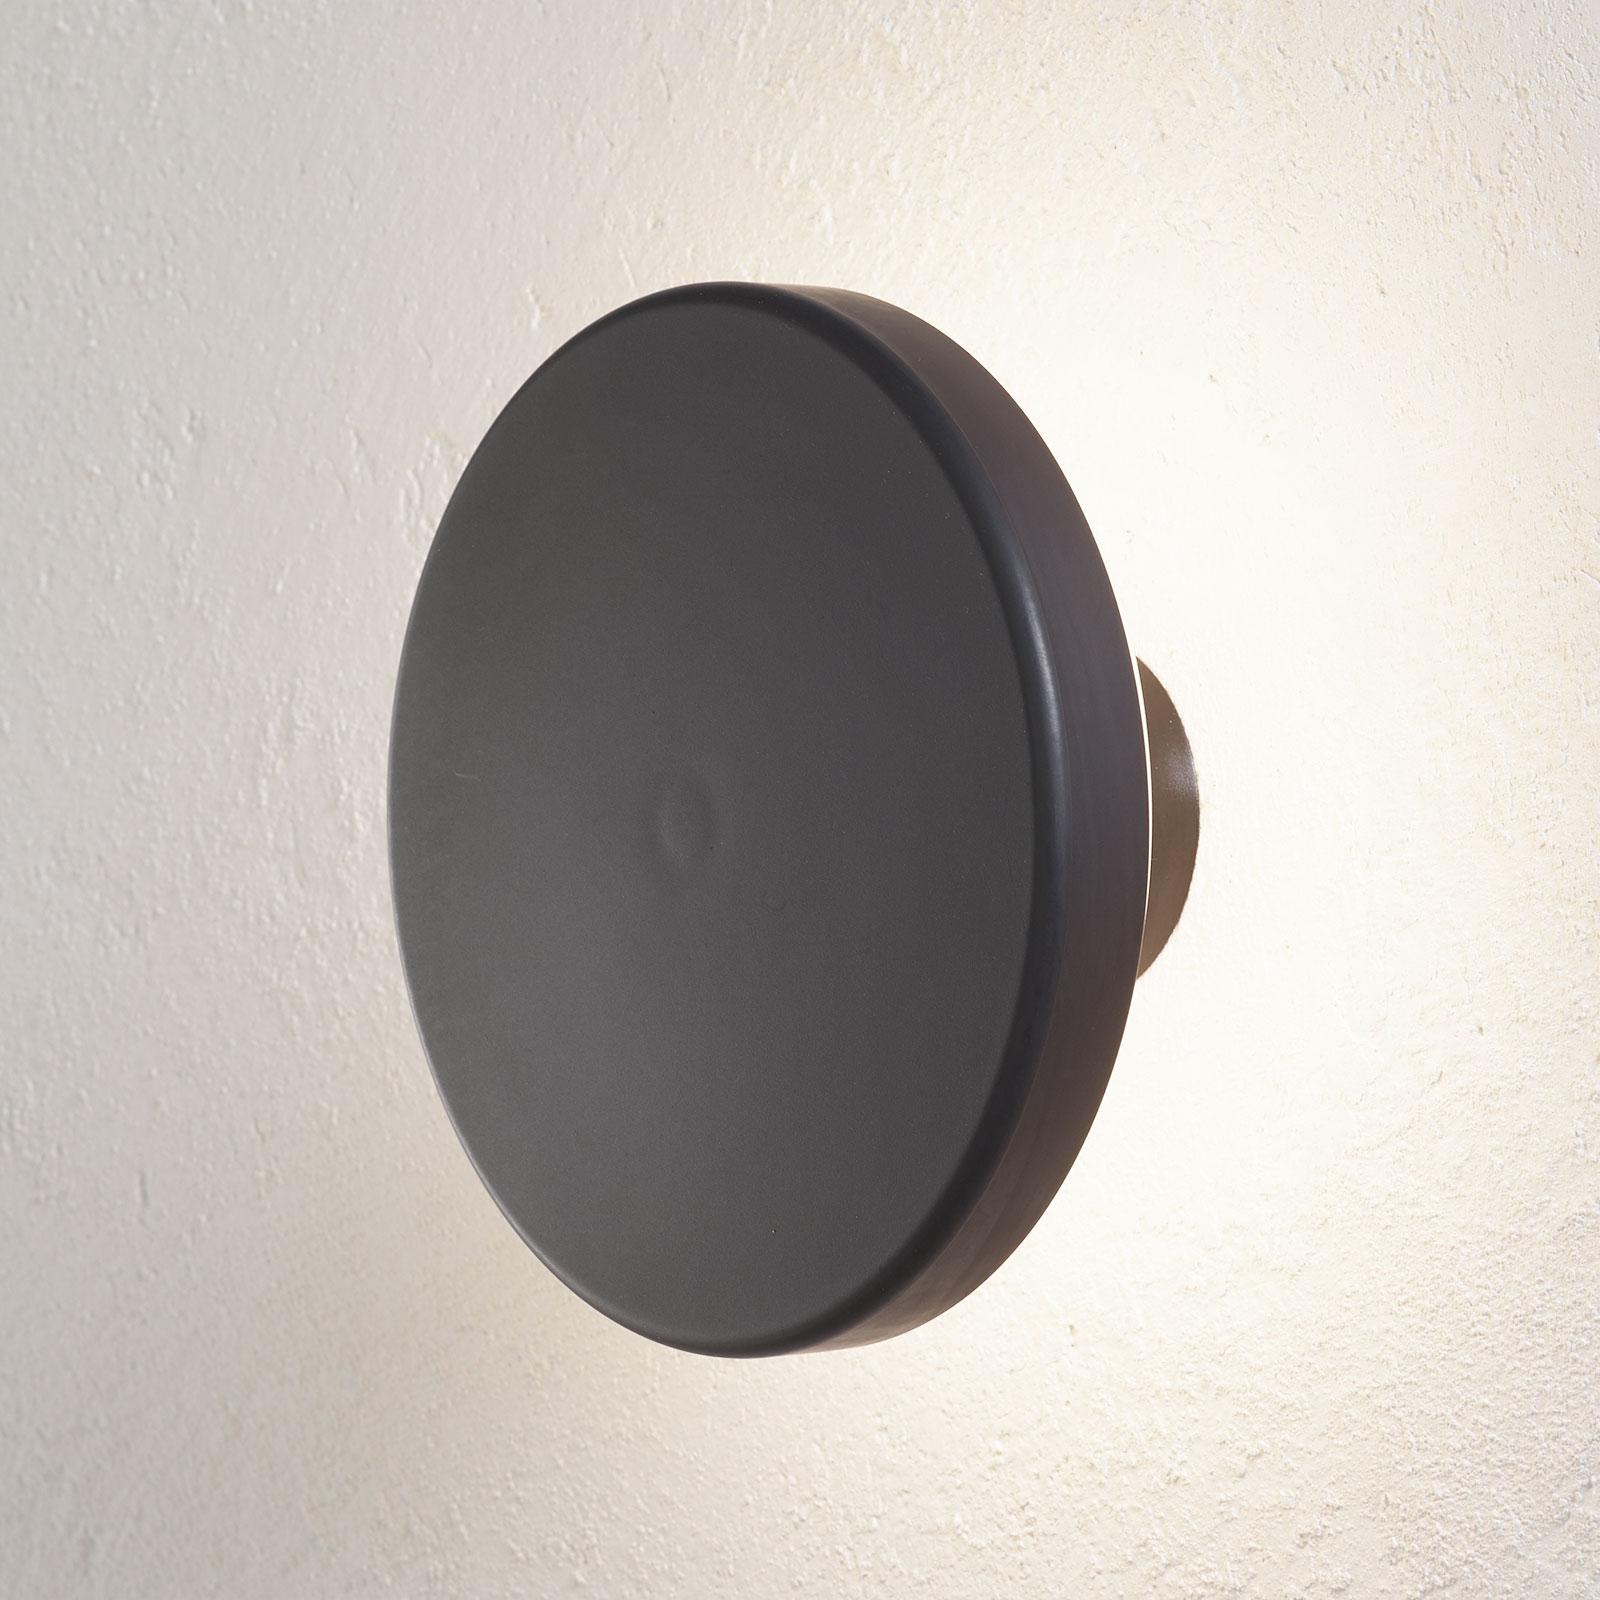 Applique d'extérieur LED MyWhite_Bond moderne